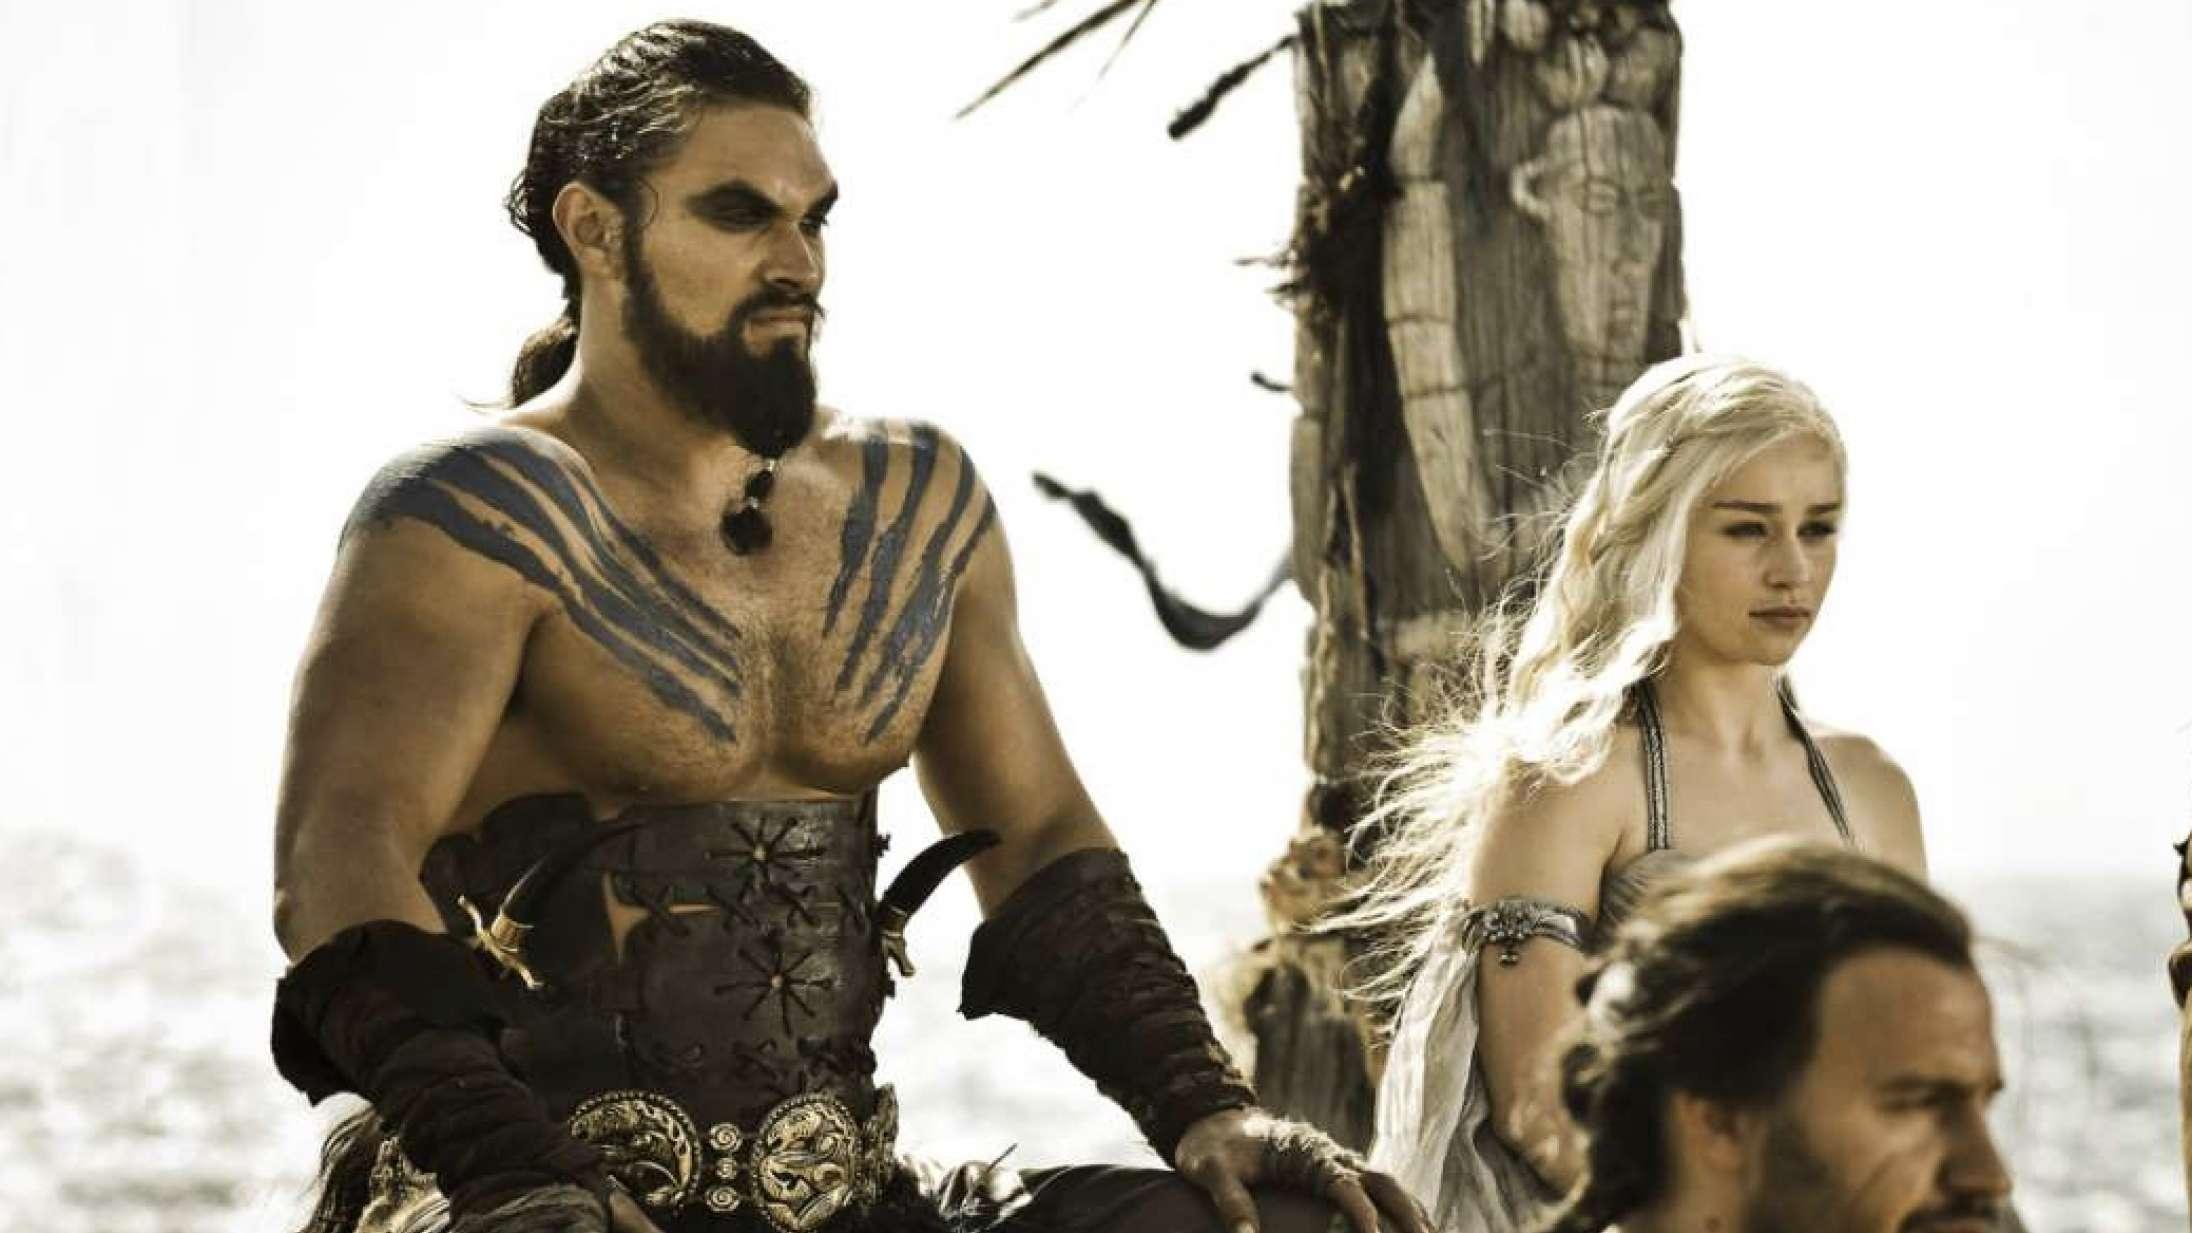 Jason Momoa kritiserer journalist for spørgsmål om, hvorvidt han fortryder voldtægtsscene i 'Game of Thrones'